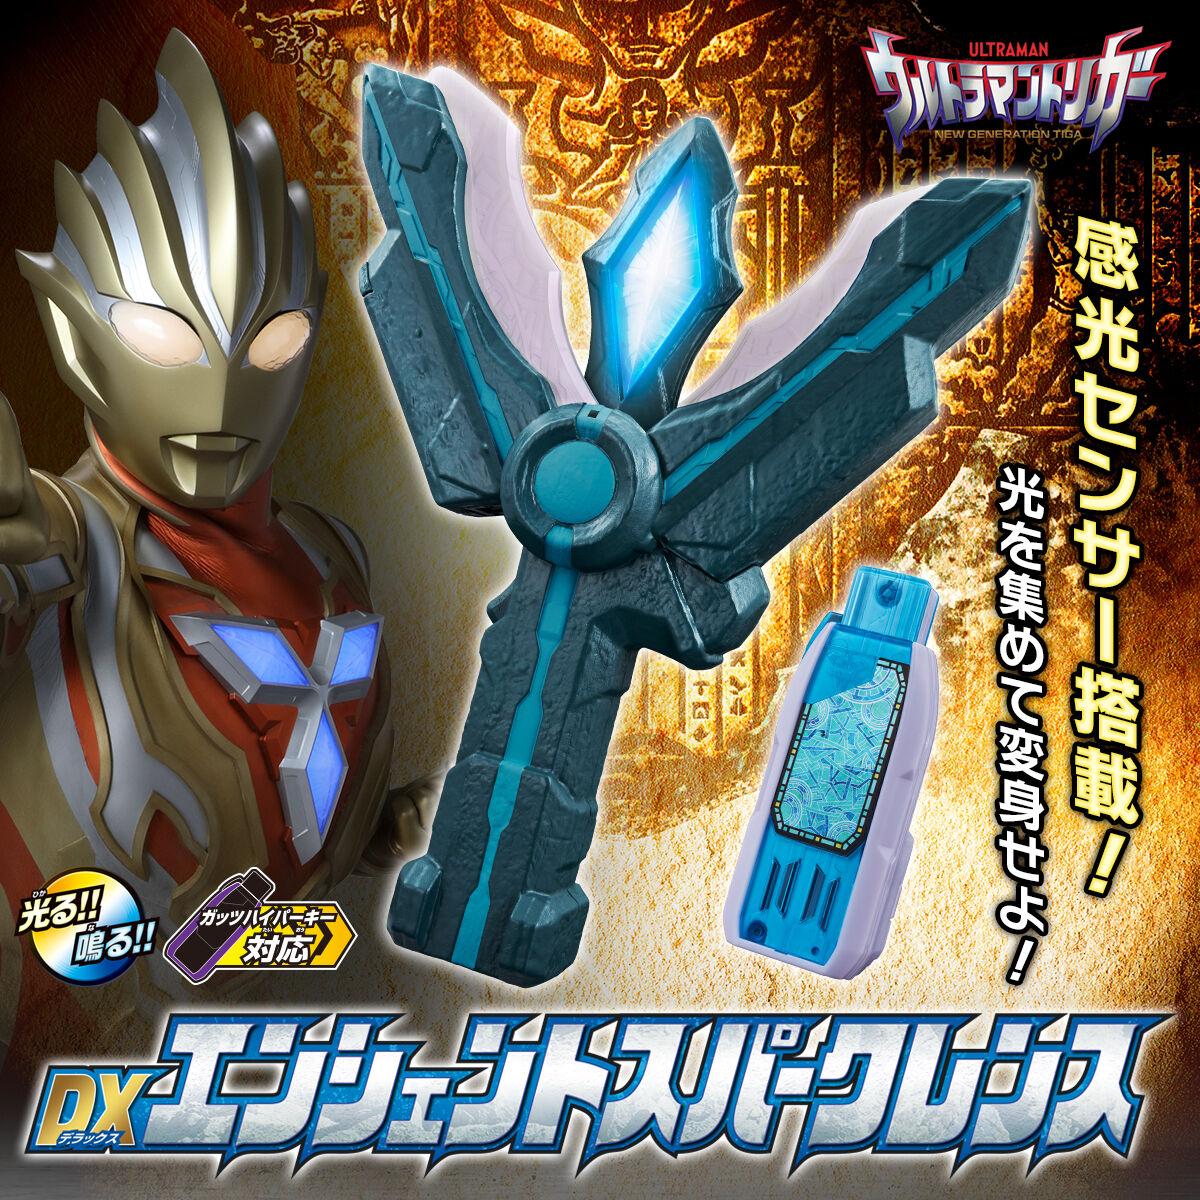 【限定販売】ウルトラマントリガー『DXエンシェントスパークレンス』変身なりきり-001